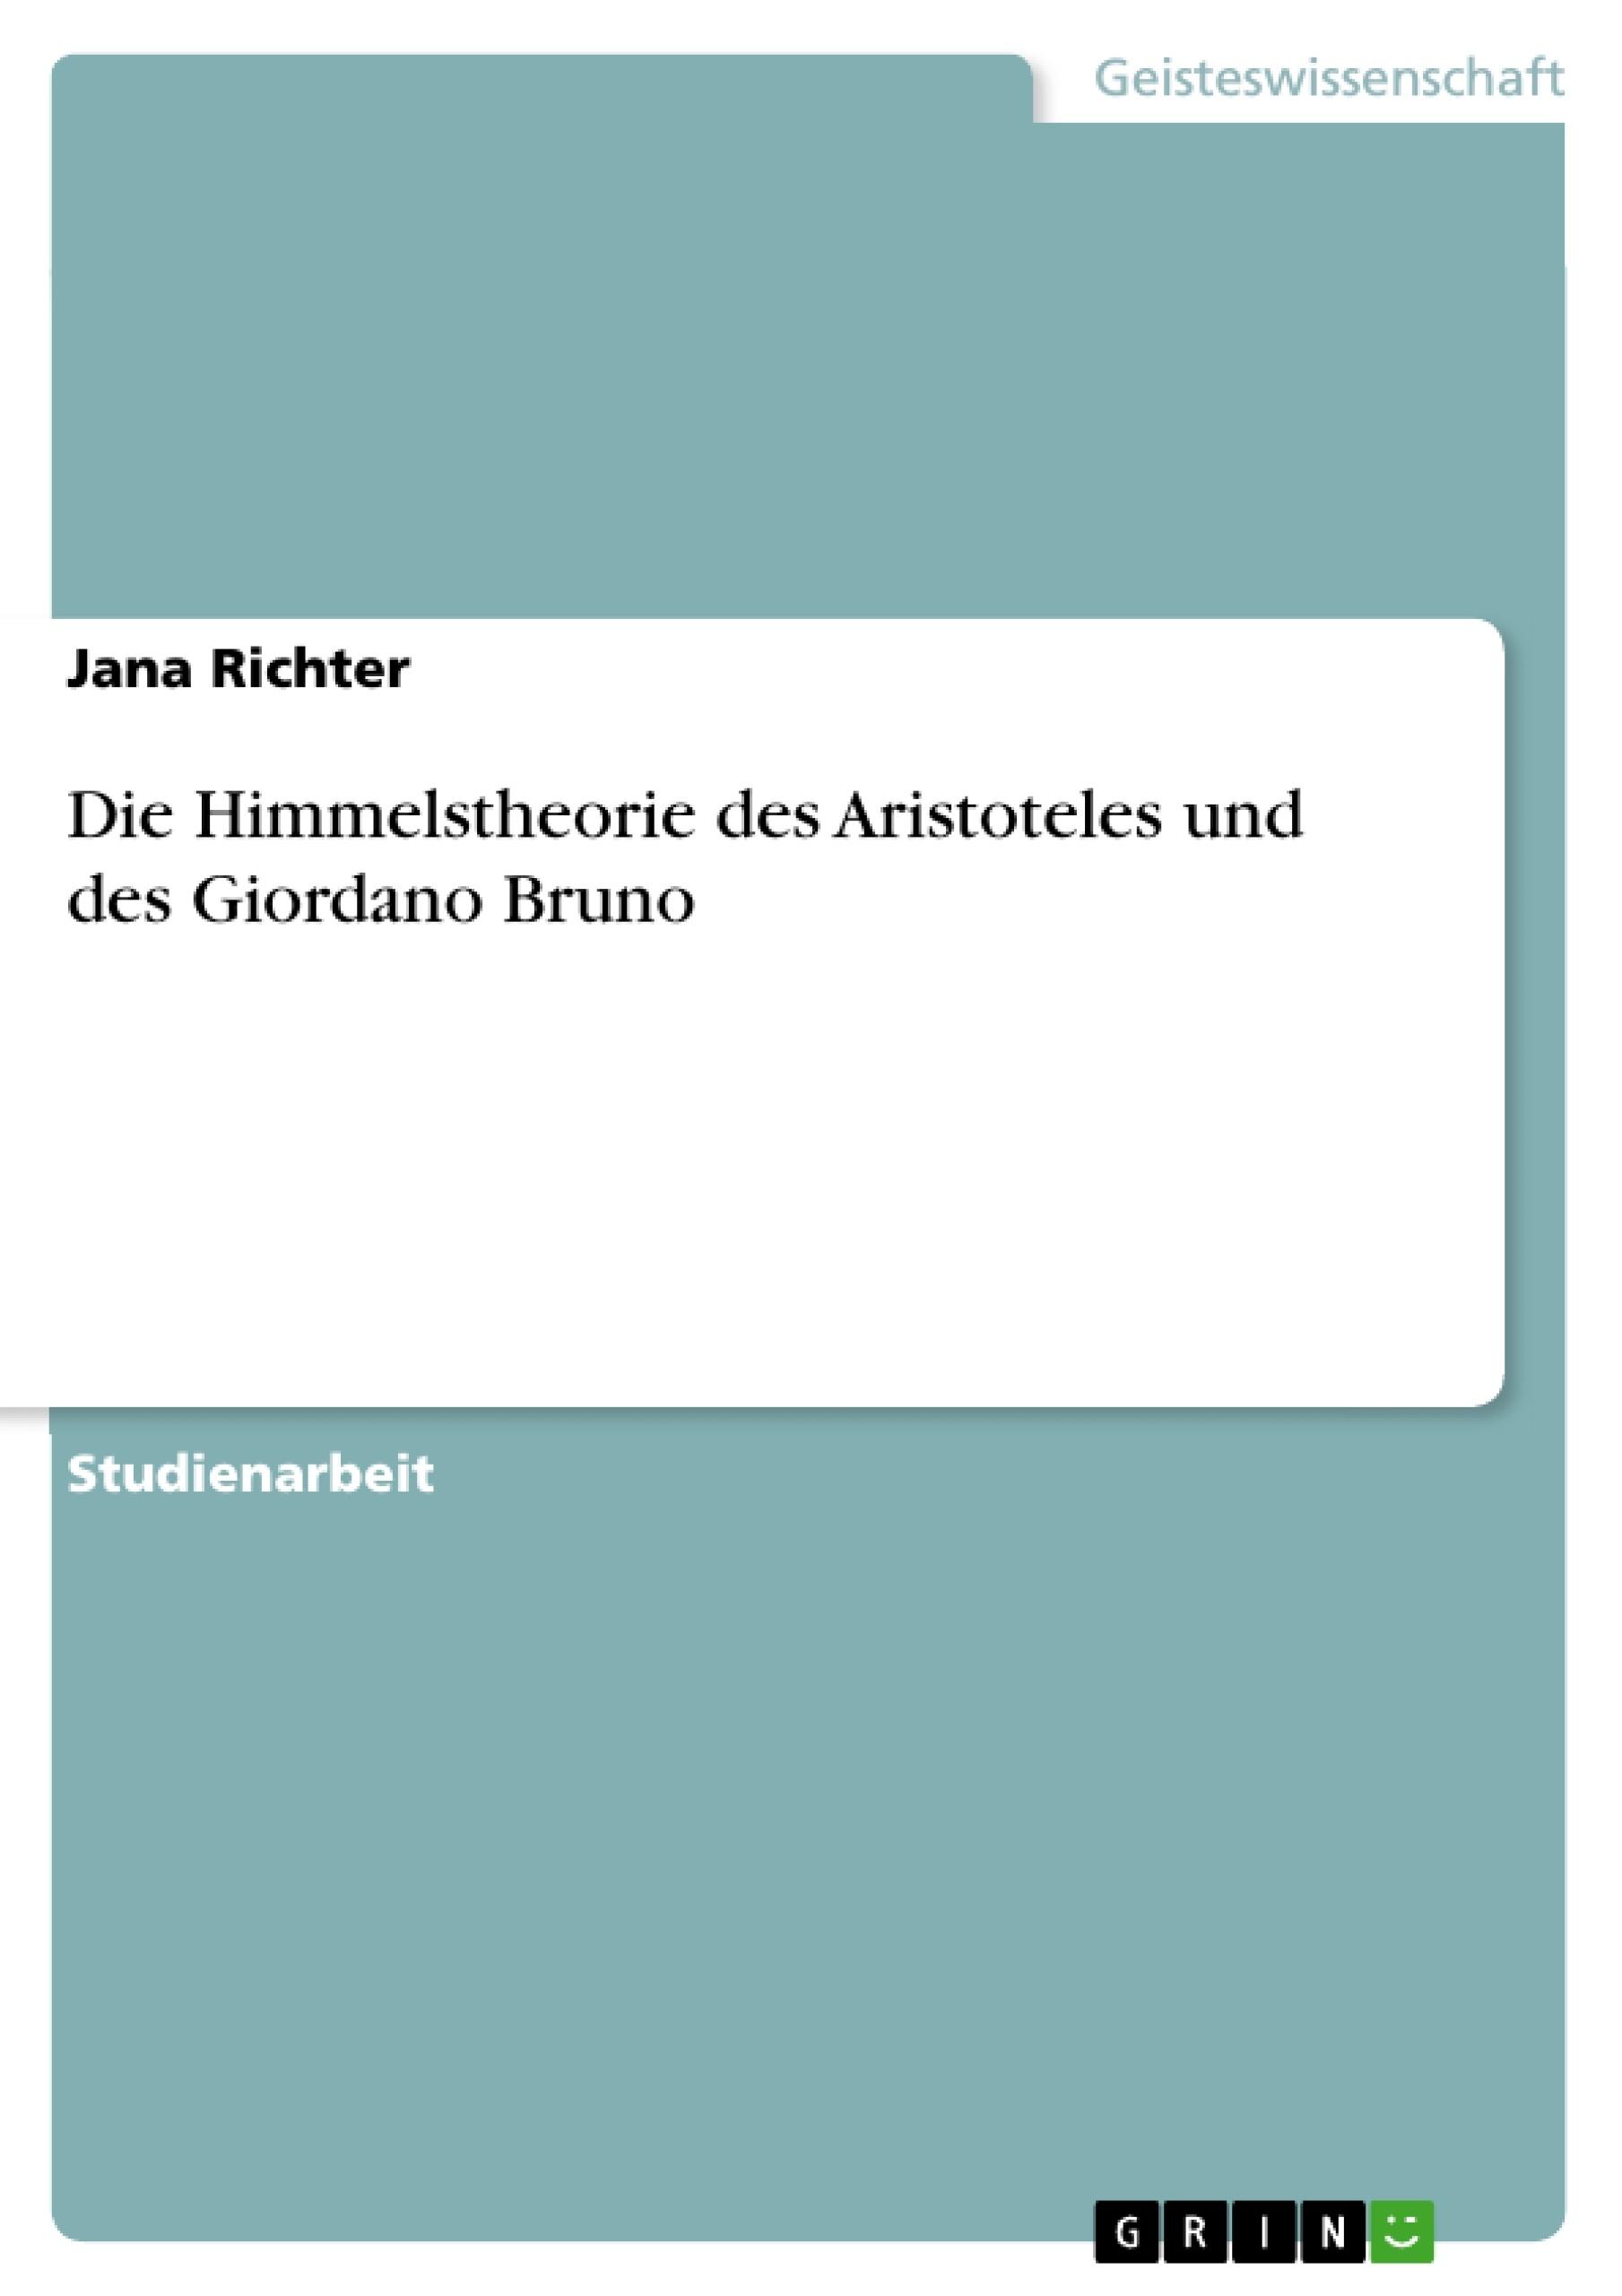 Titel: Die Himmelstheorie des Aristoteles und des Giordano Bruno